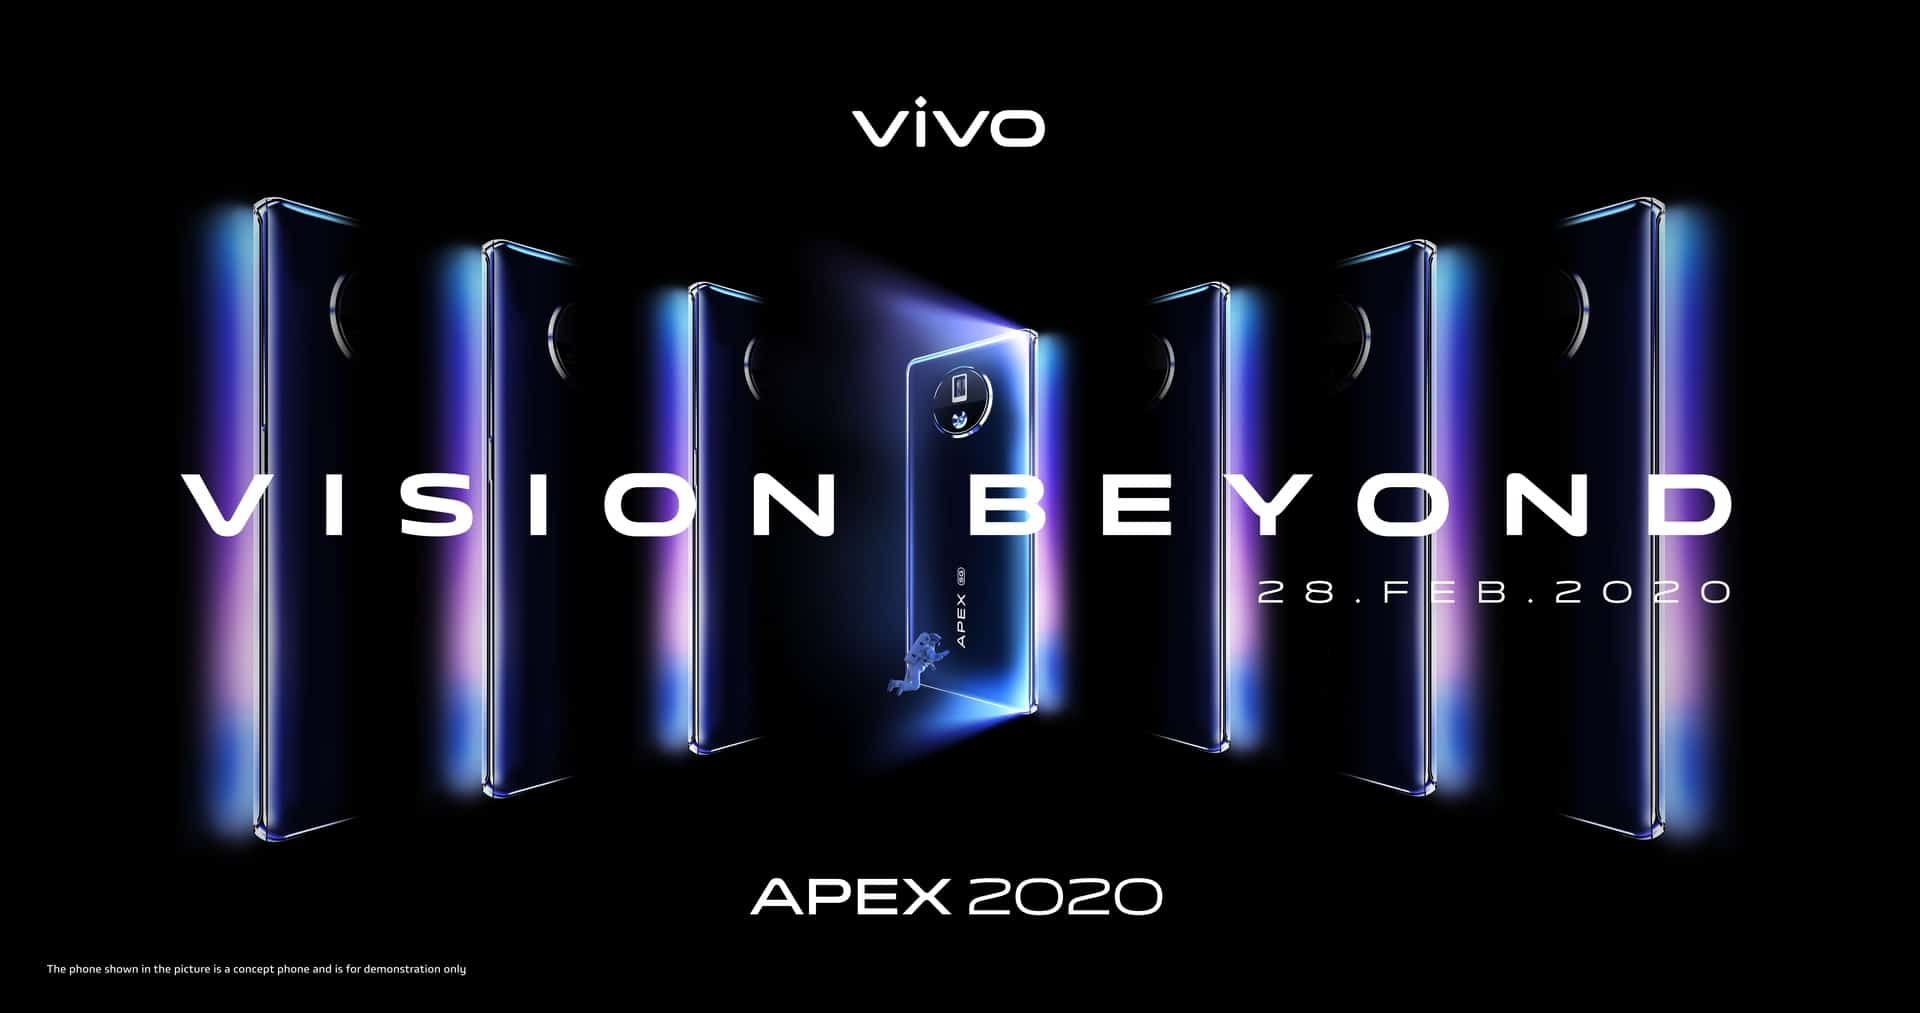 Vivo APEX 2020 image 1